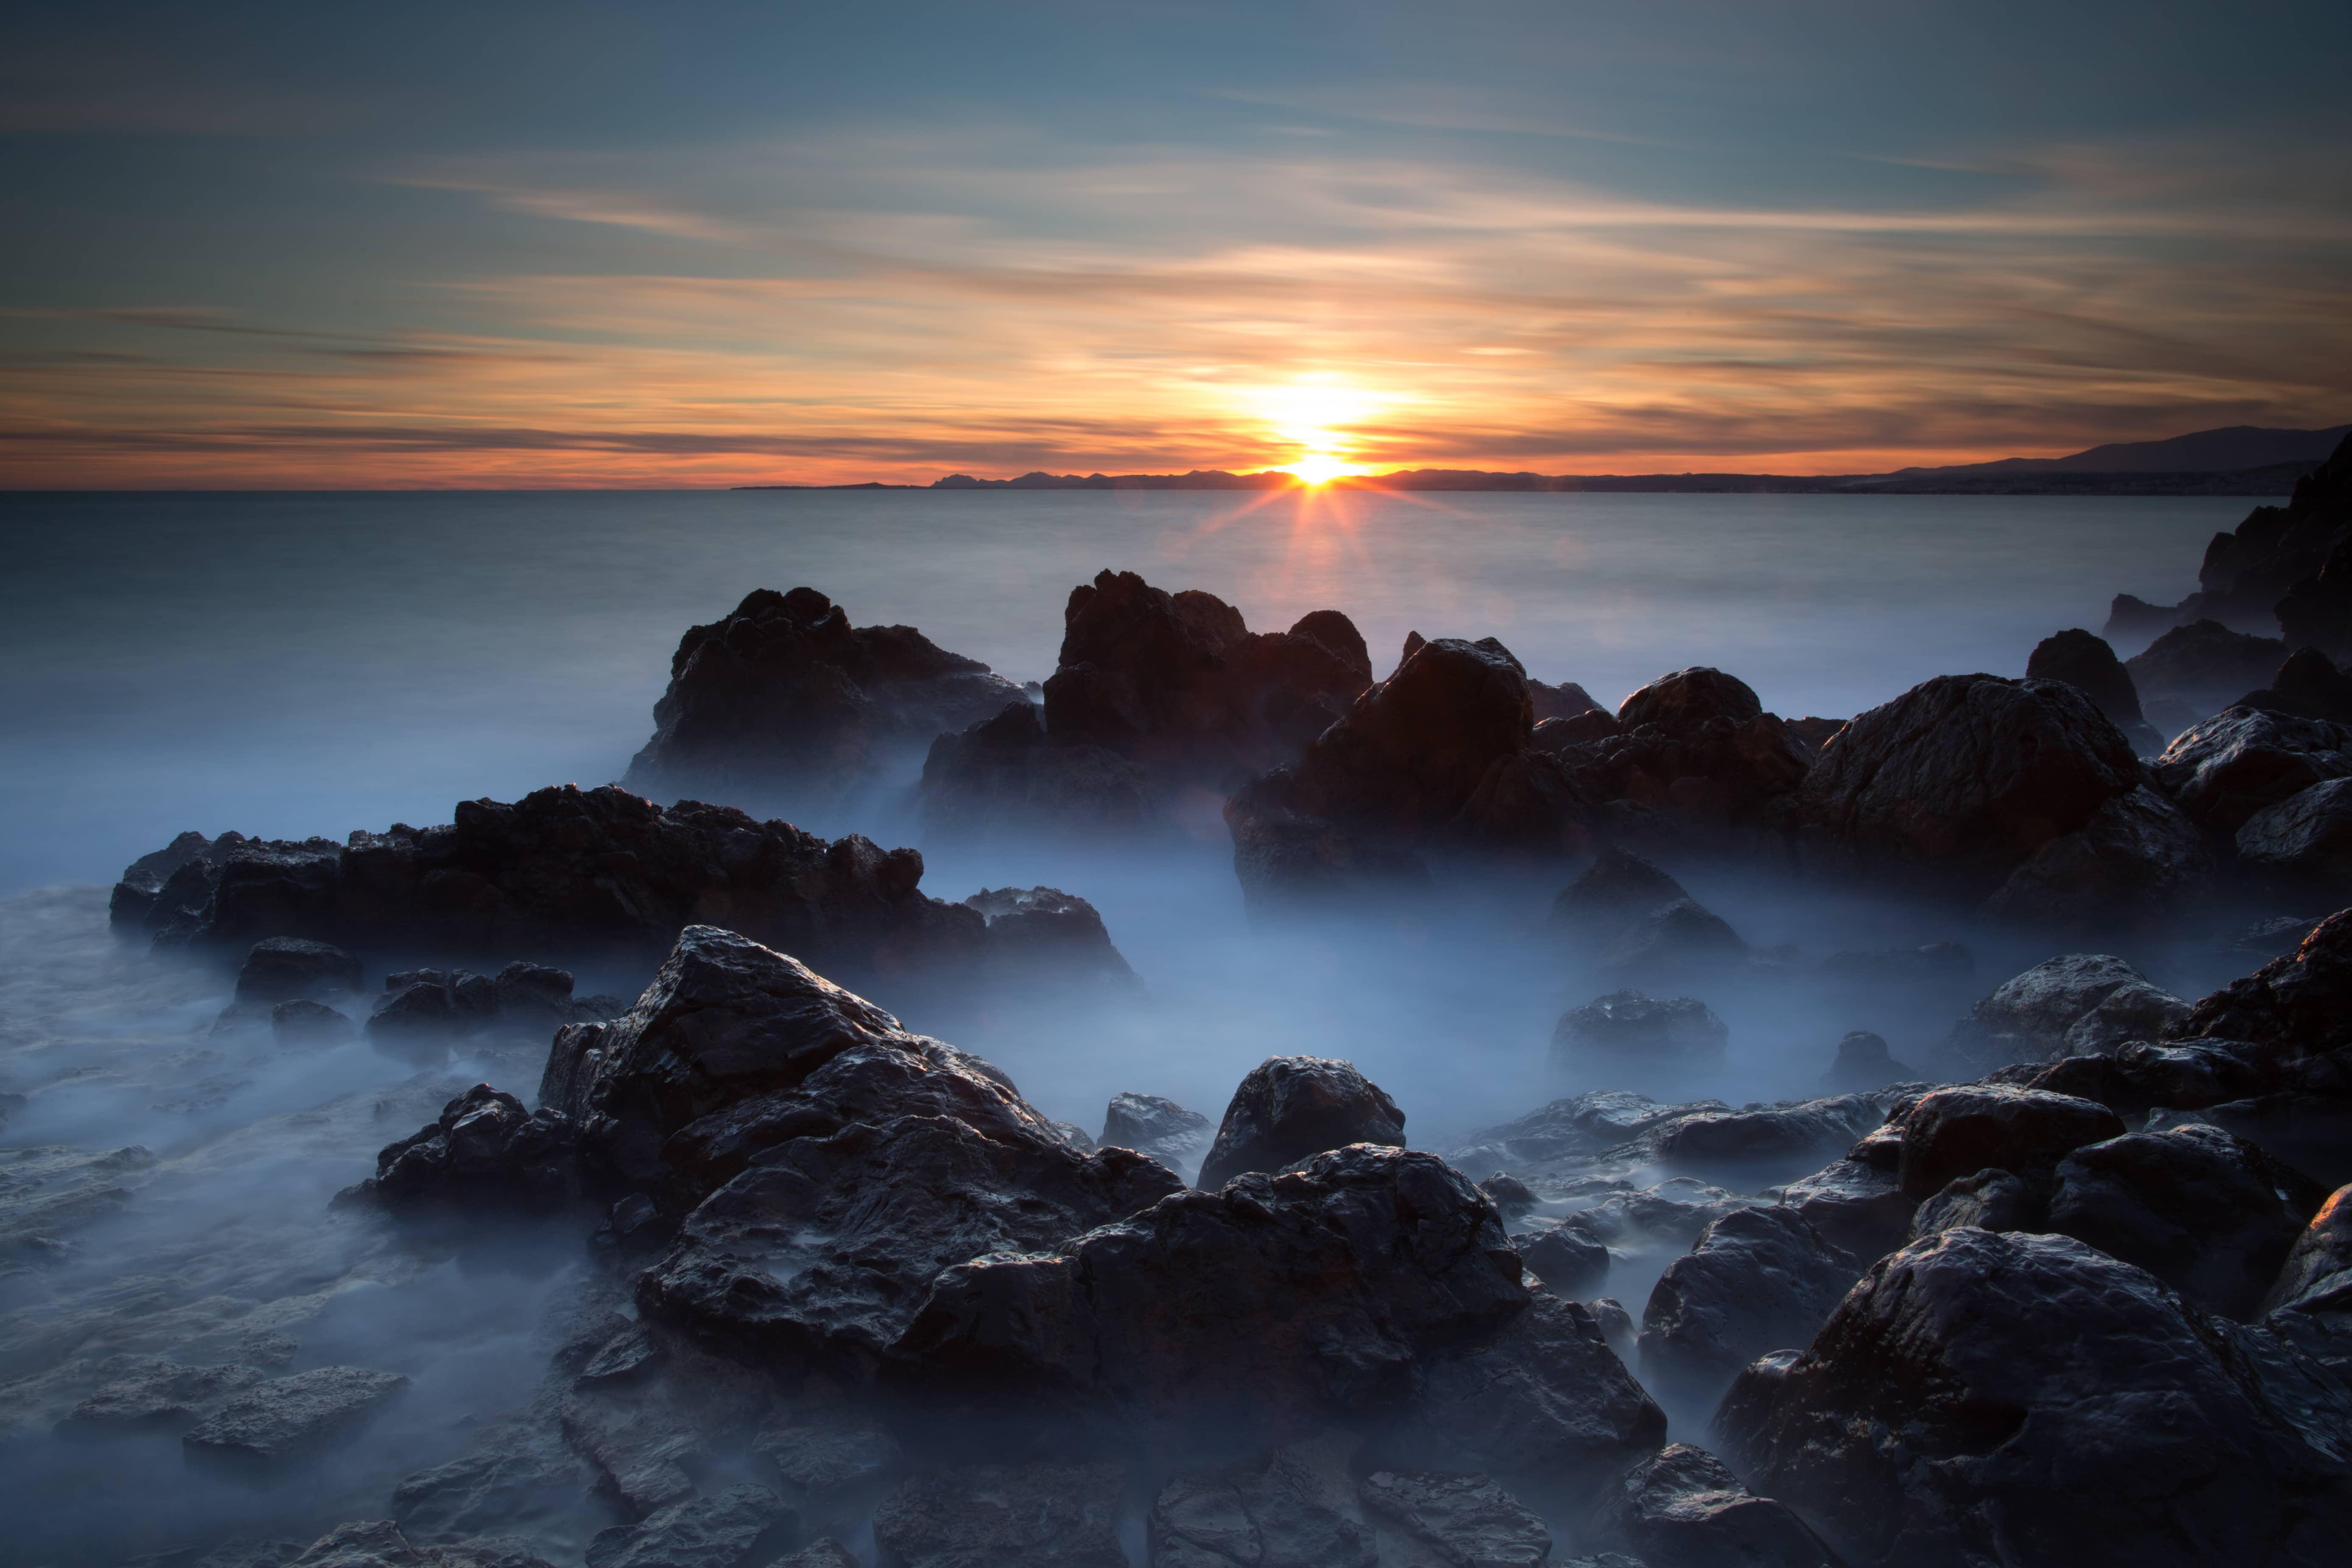 la photo d'un coucher d'un soleil au meilleur moment